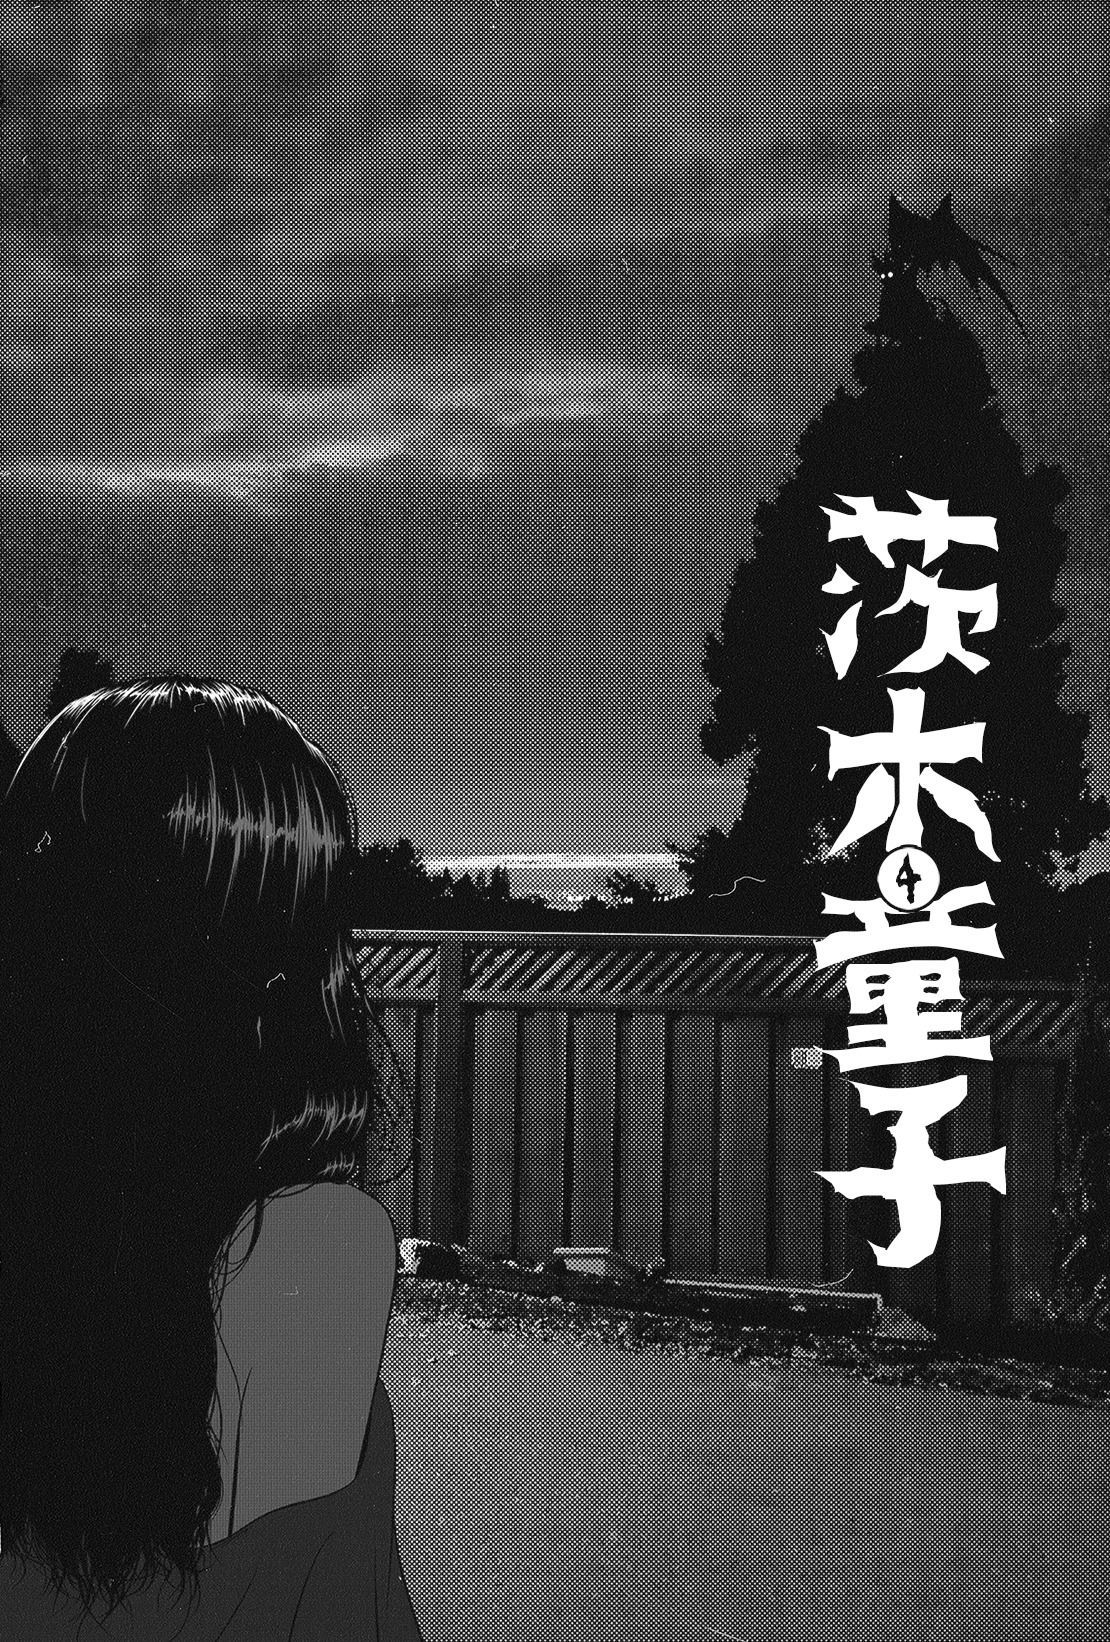 Anime Aesthetic Wallpaper Dark Animememes Animeedit Animecosplay Aesthetic Anime Black Aesthetic Wallpaper Aesthetic Wallpapers